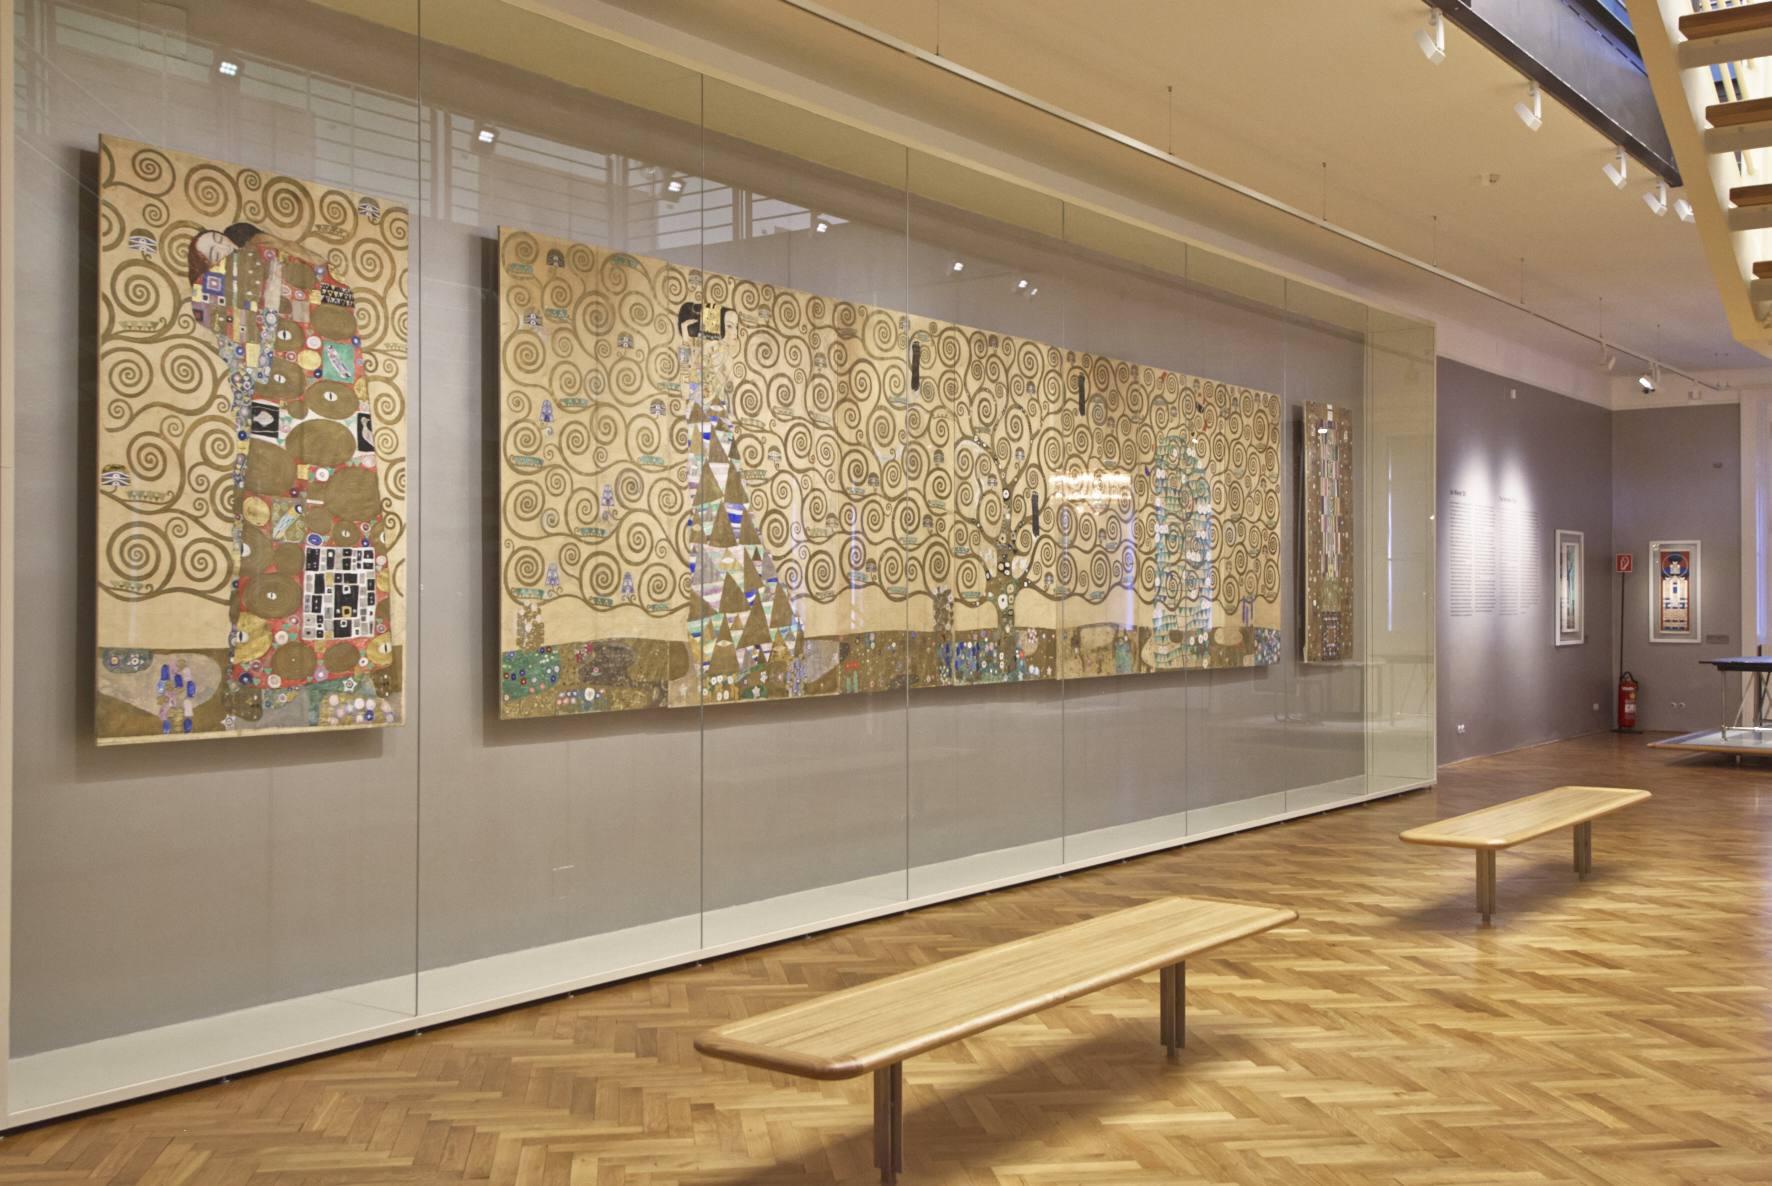 Gustav Klimt, Entwurfszeichnungen für den Fries im Speisezimmer des Palais Stoclet, Brüssel, Wien 1910/11 MAK-Schausammlung Wien 1900 © MAK/Georg Mayer